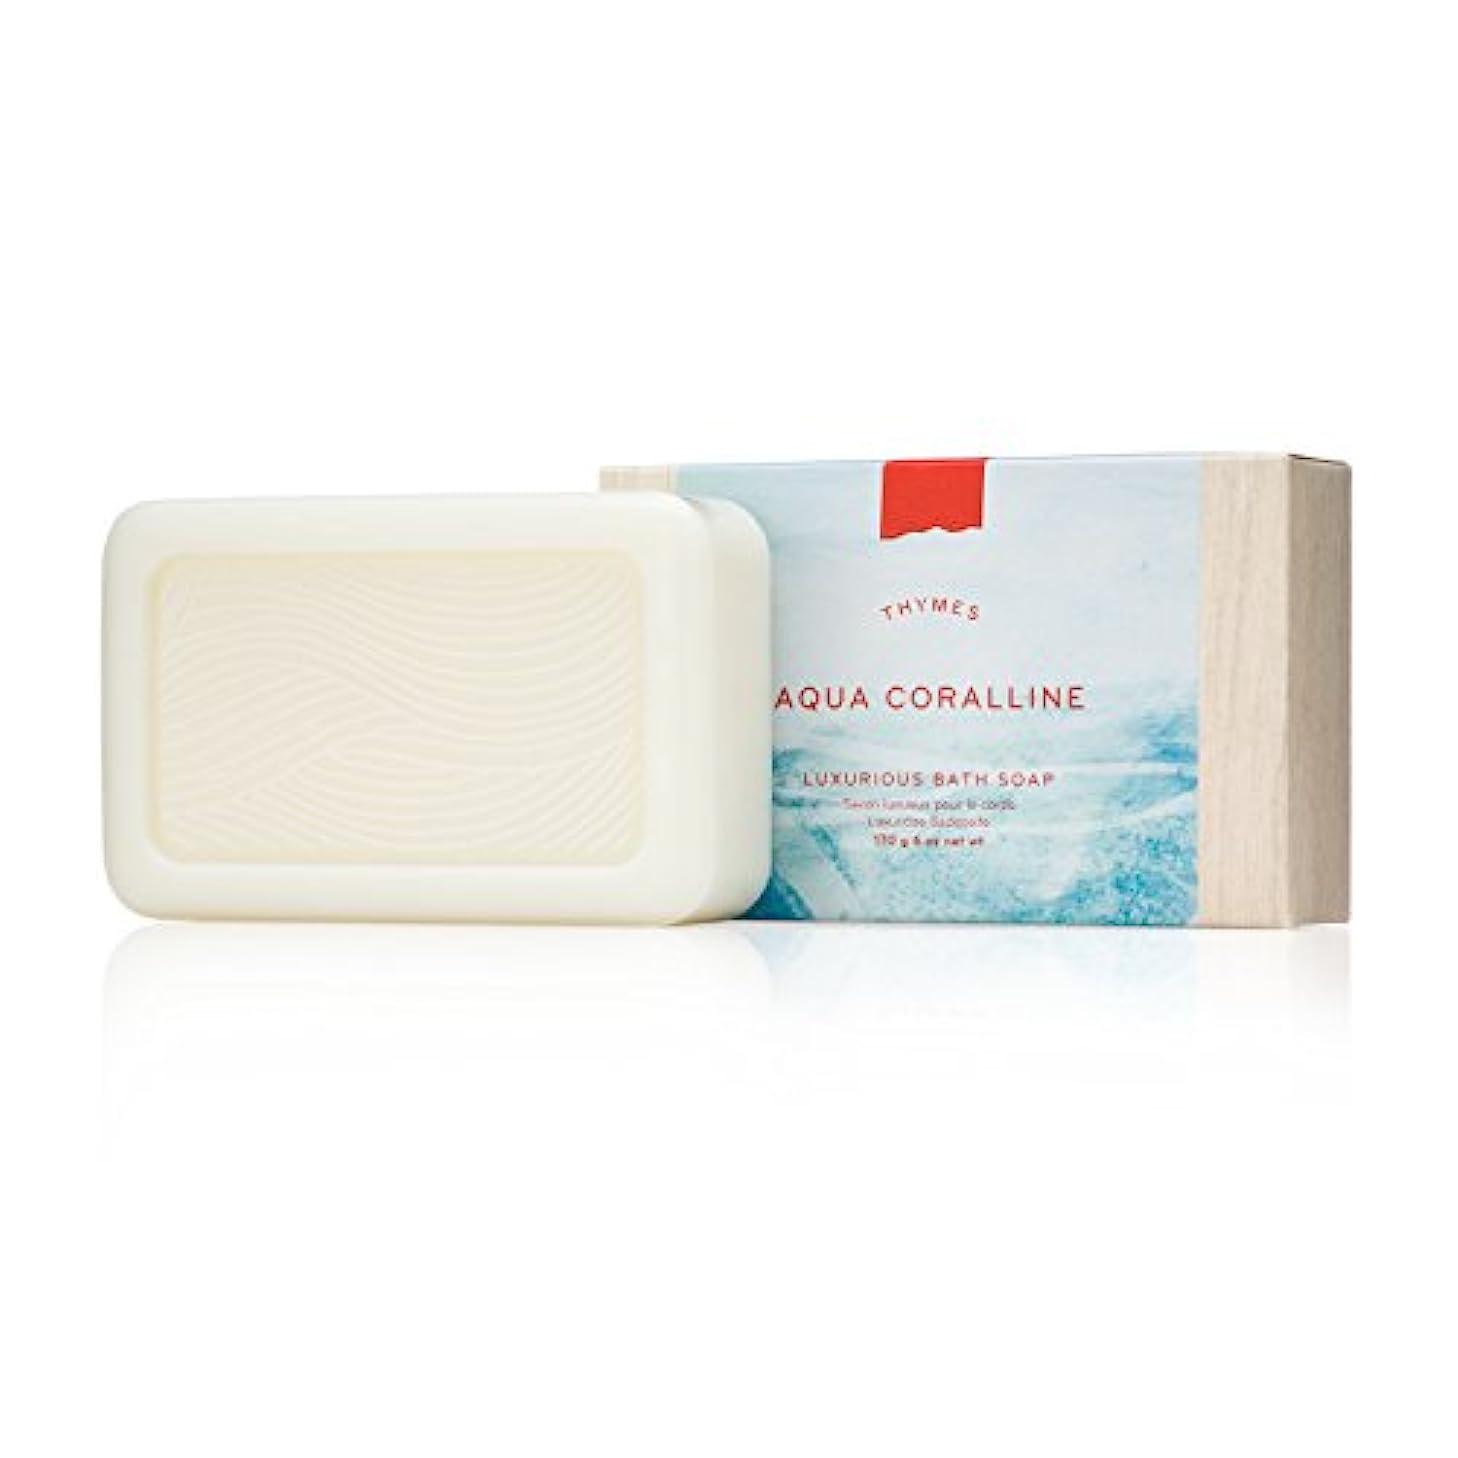 苦悩知覚する約設定タイムズ Aqua Coralline Luxurious Bath Soap 170g/6oz並行輸入品